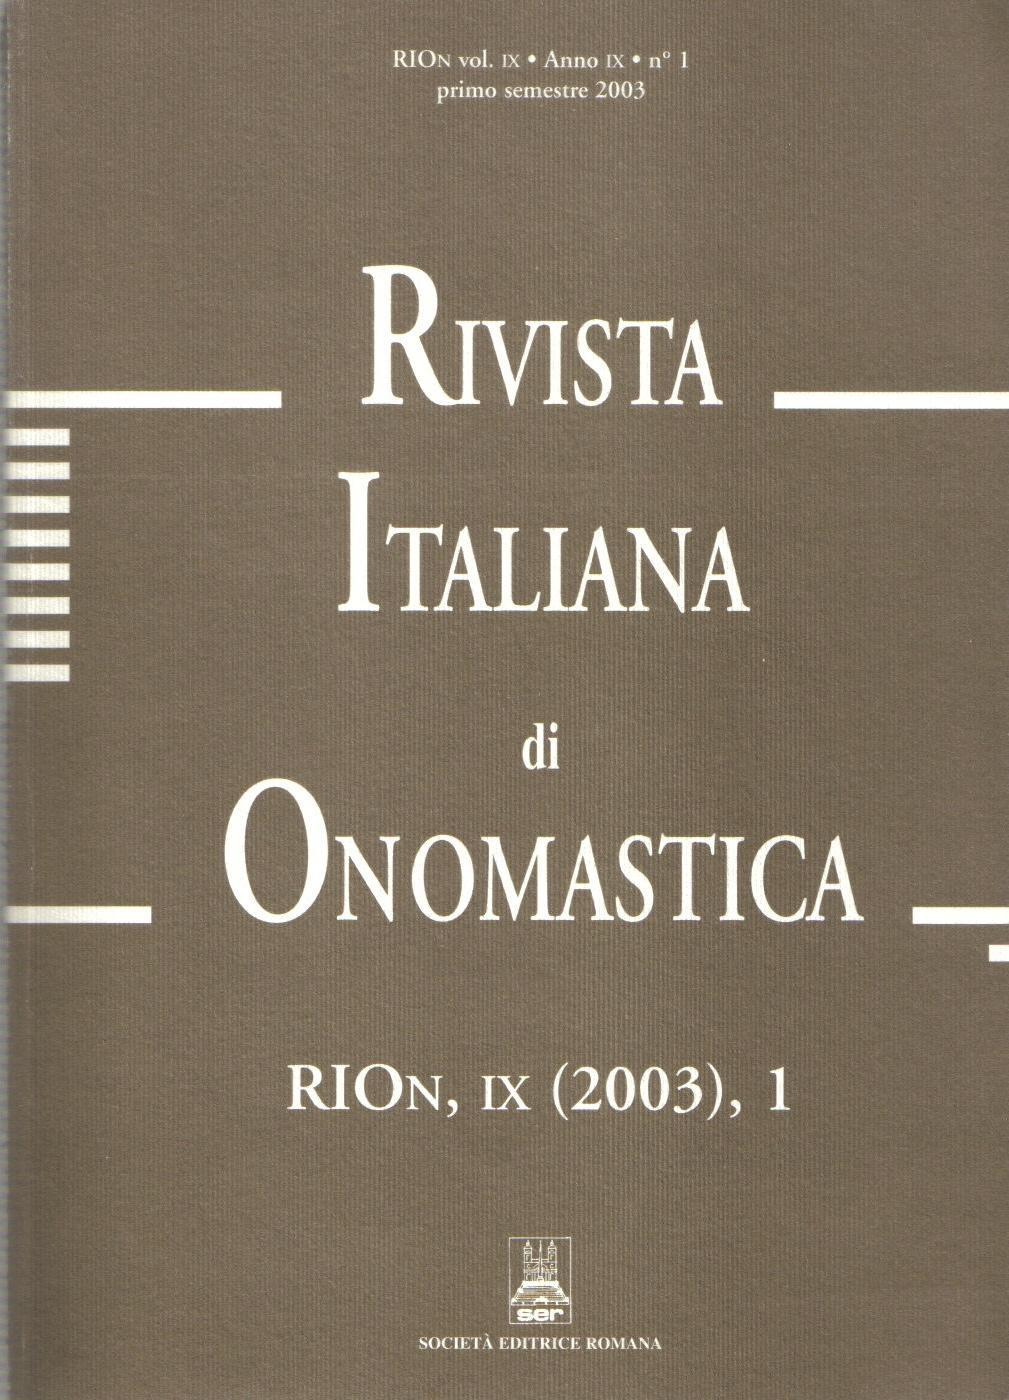 Rion 2003 ix 1